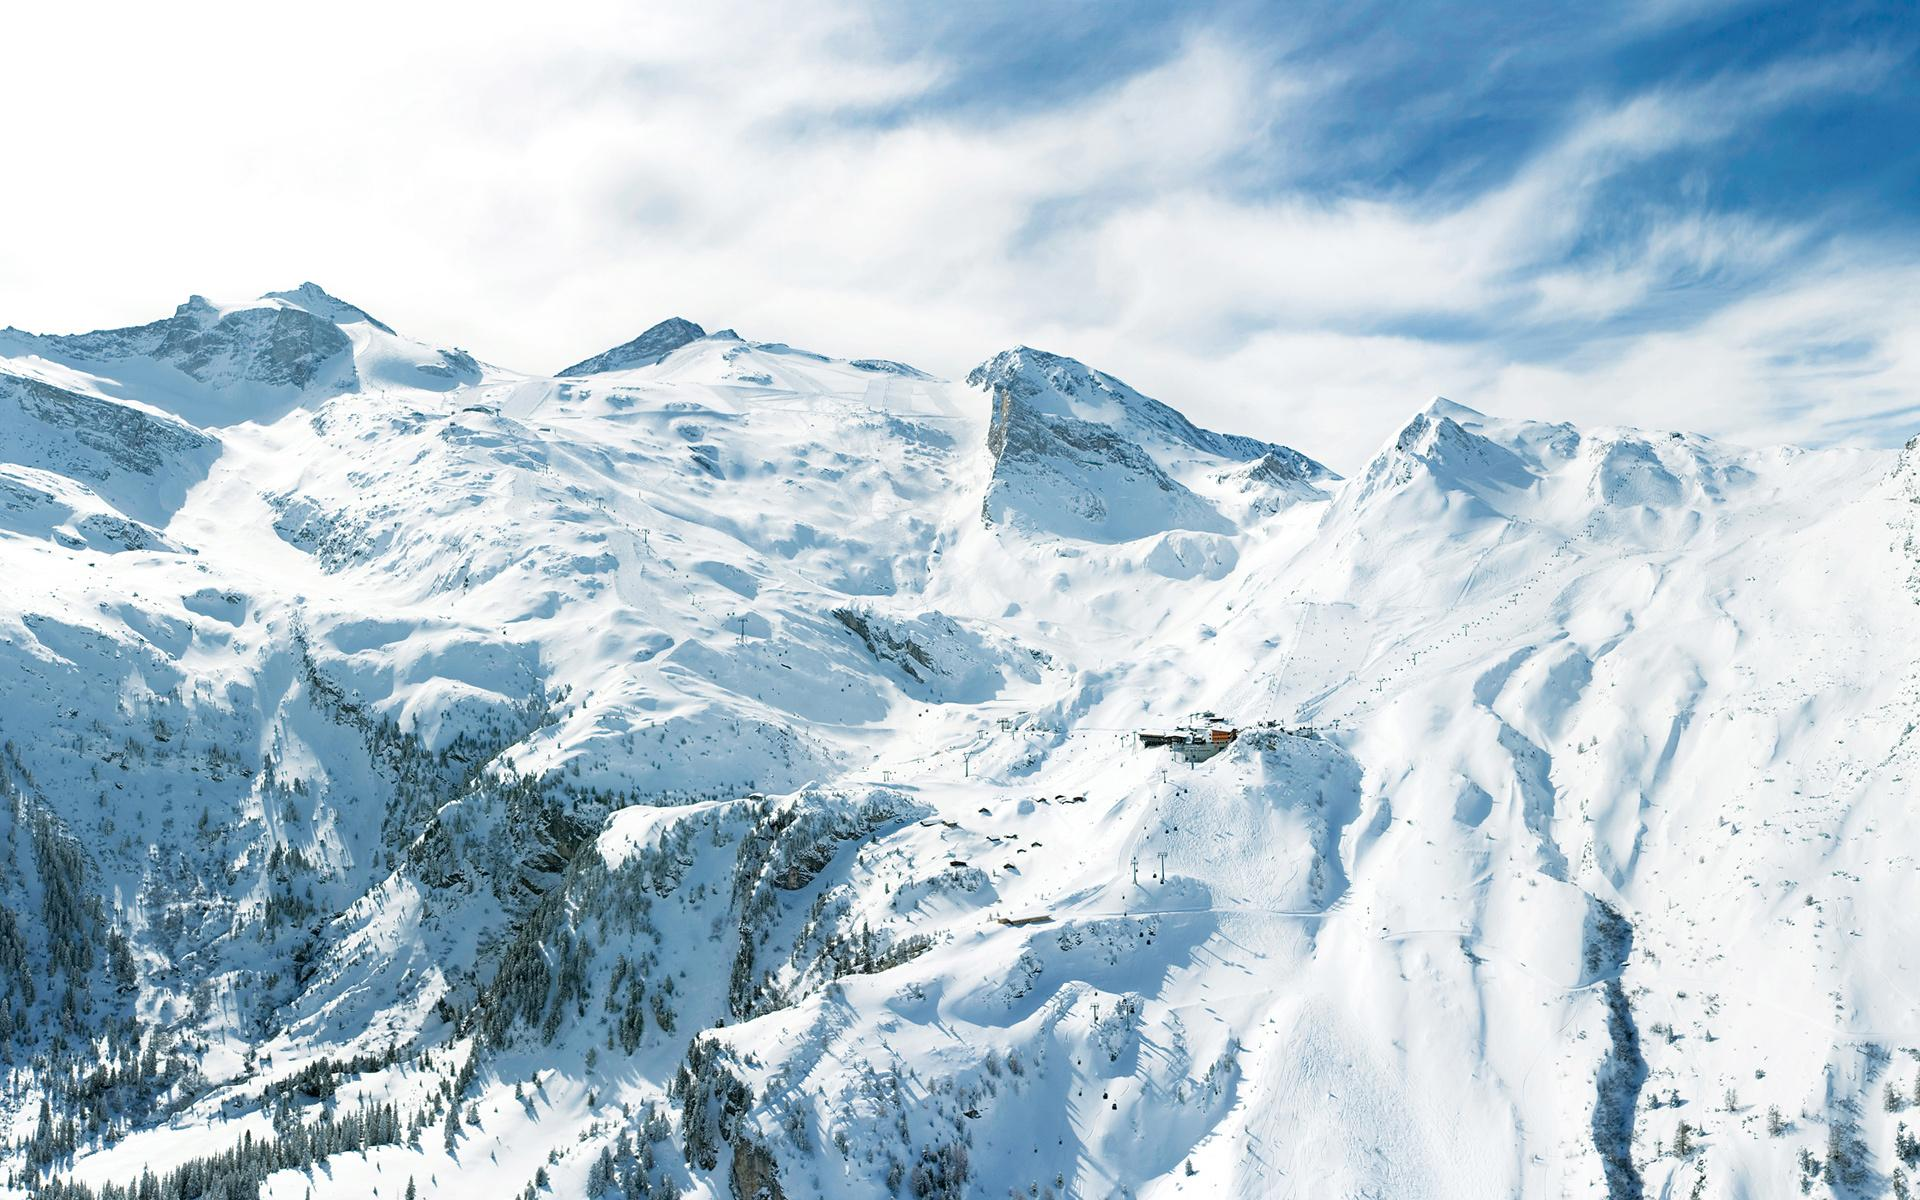 Картинки на тему зима в горах